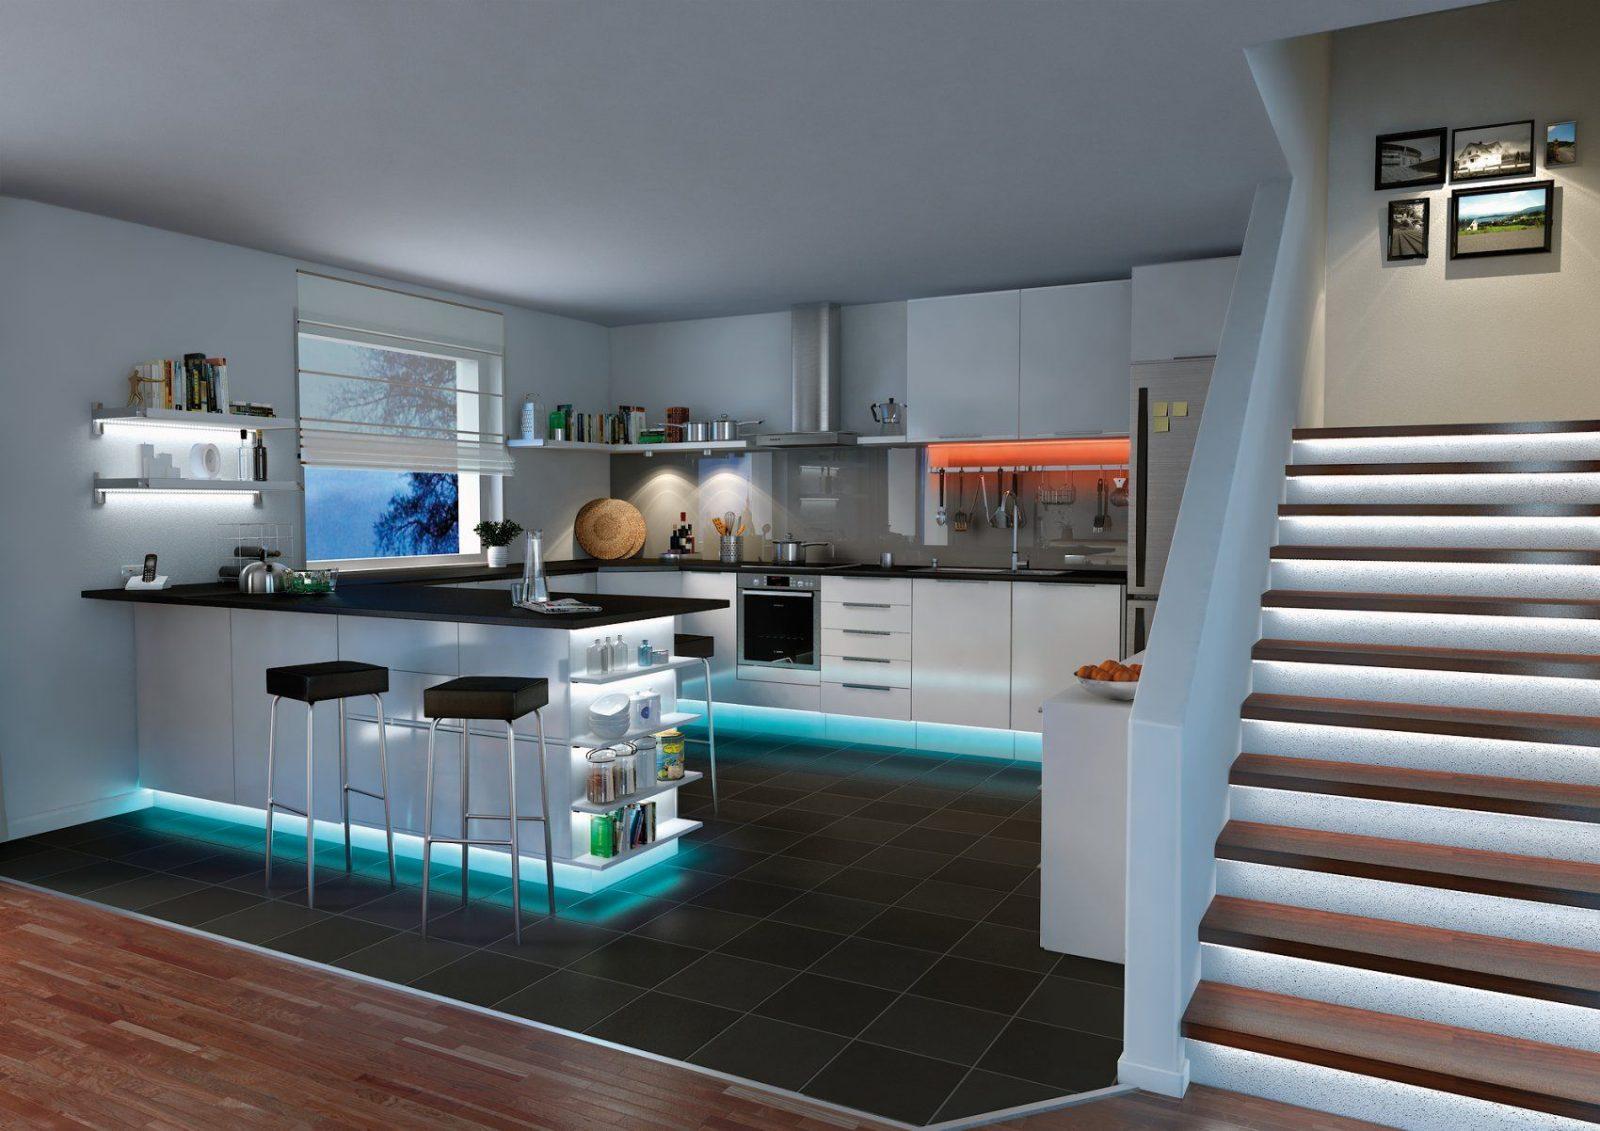 Ledbeleuchtung In Der Küche Ledstripes Von Paulmann Für Unterbau von Led Beleuchtung Küche Unterschrank Bild